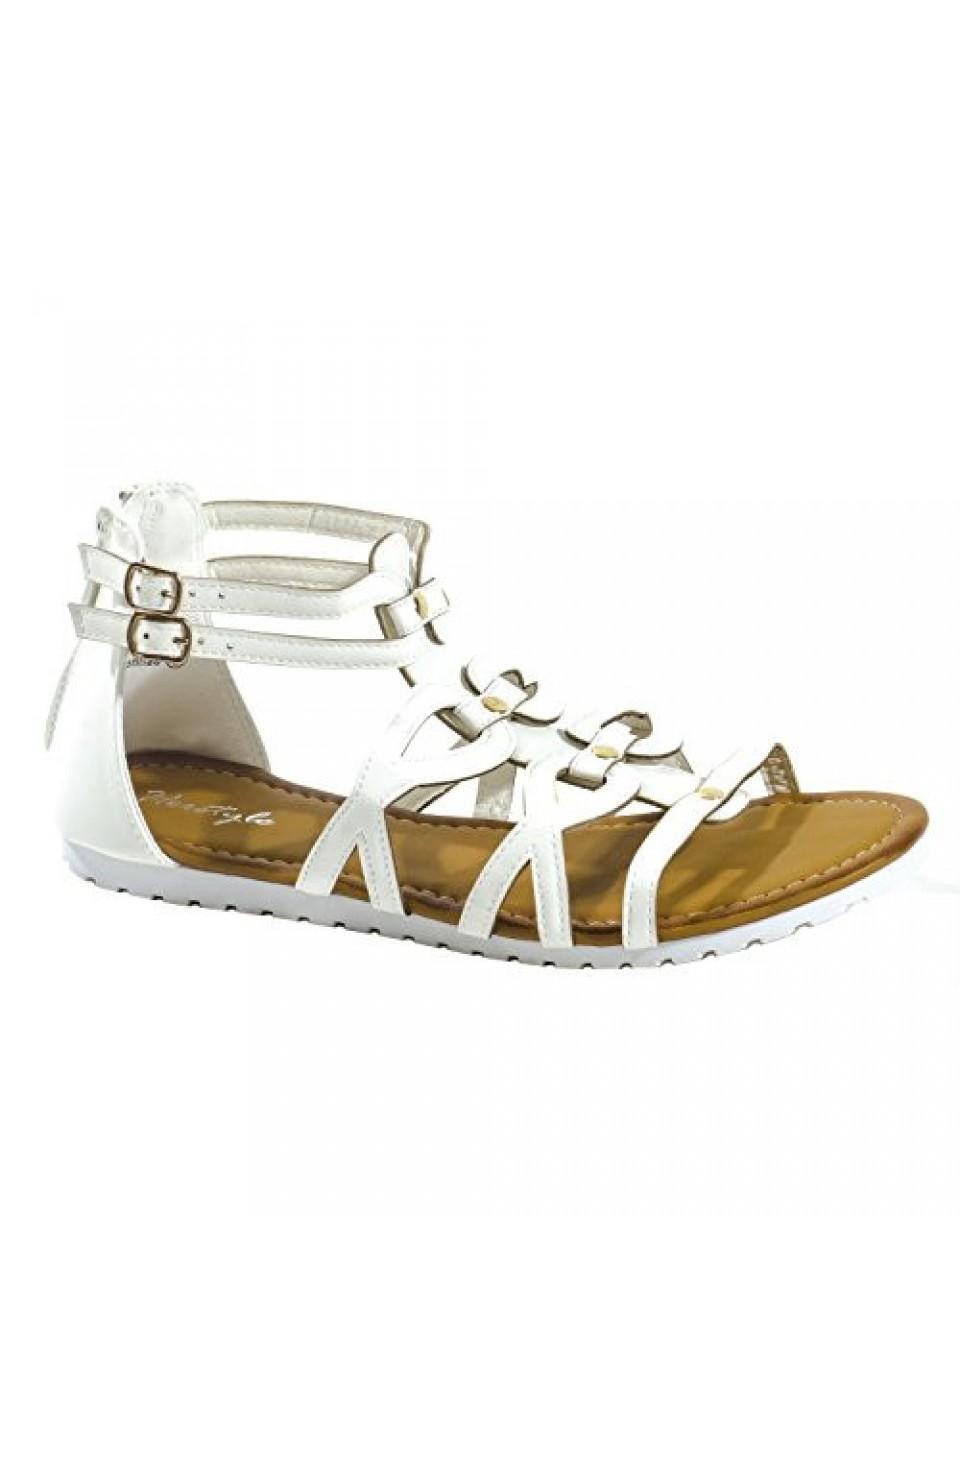 Women's White Manmade Gwennaa Gladiator Sandal with Metallic Studs